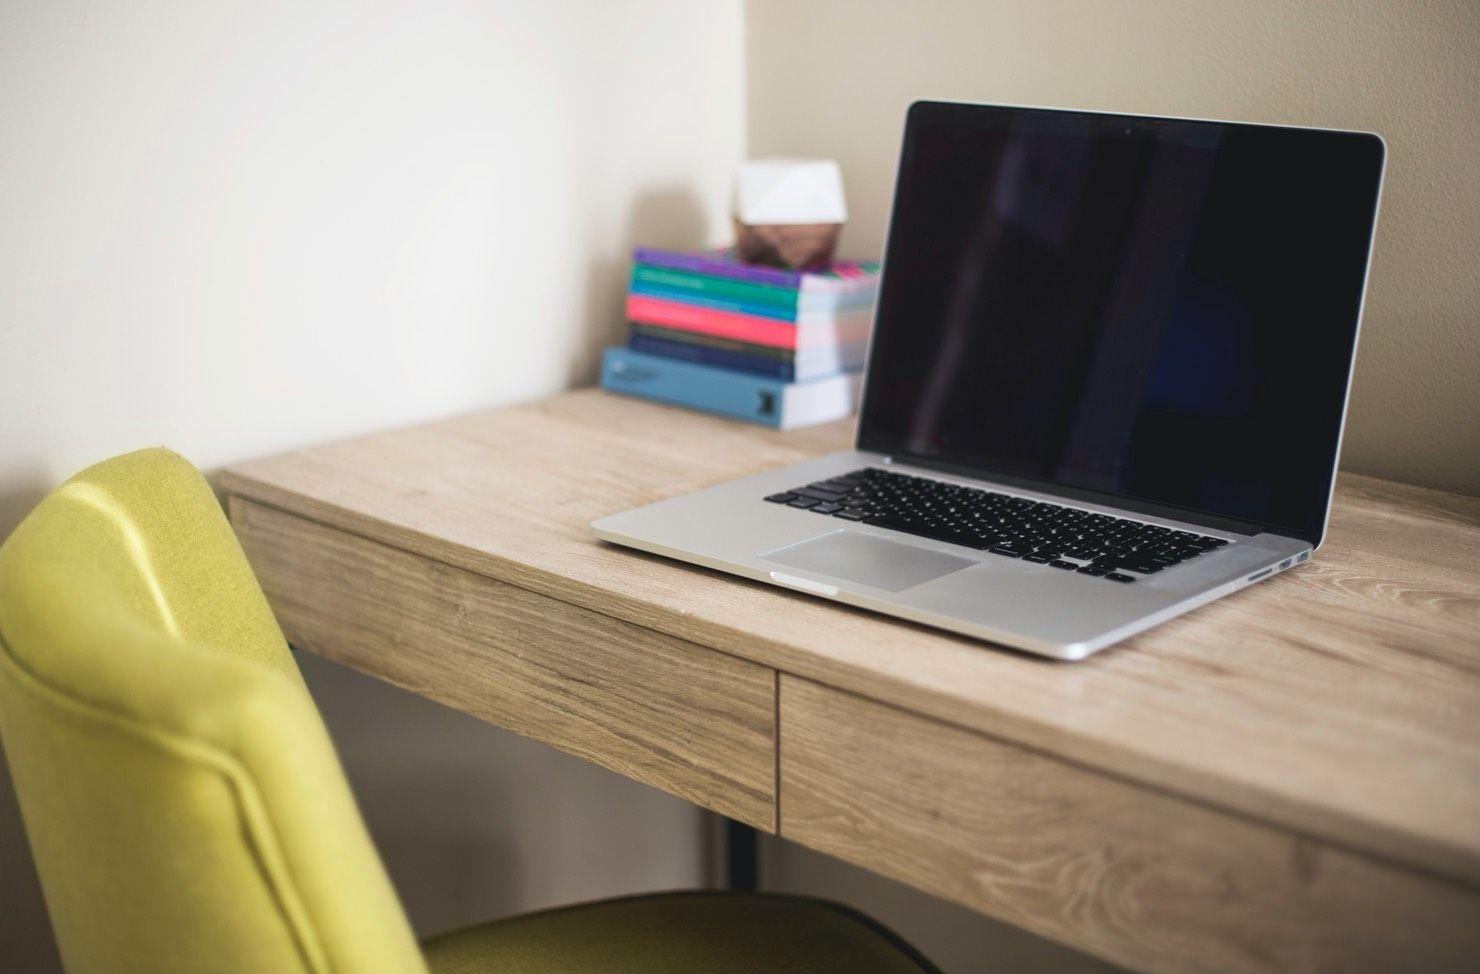 laptop on a tidy desk